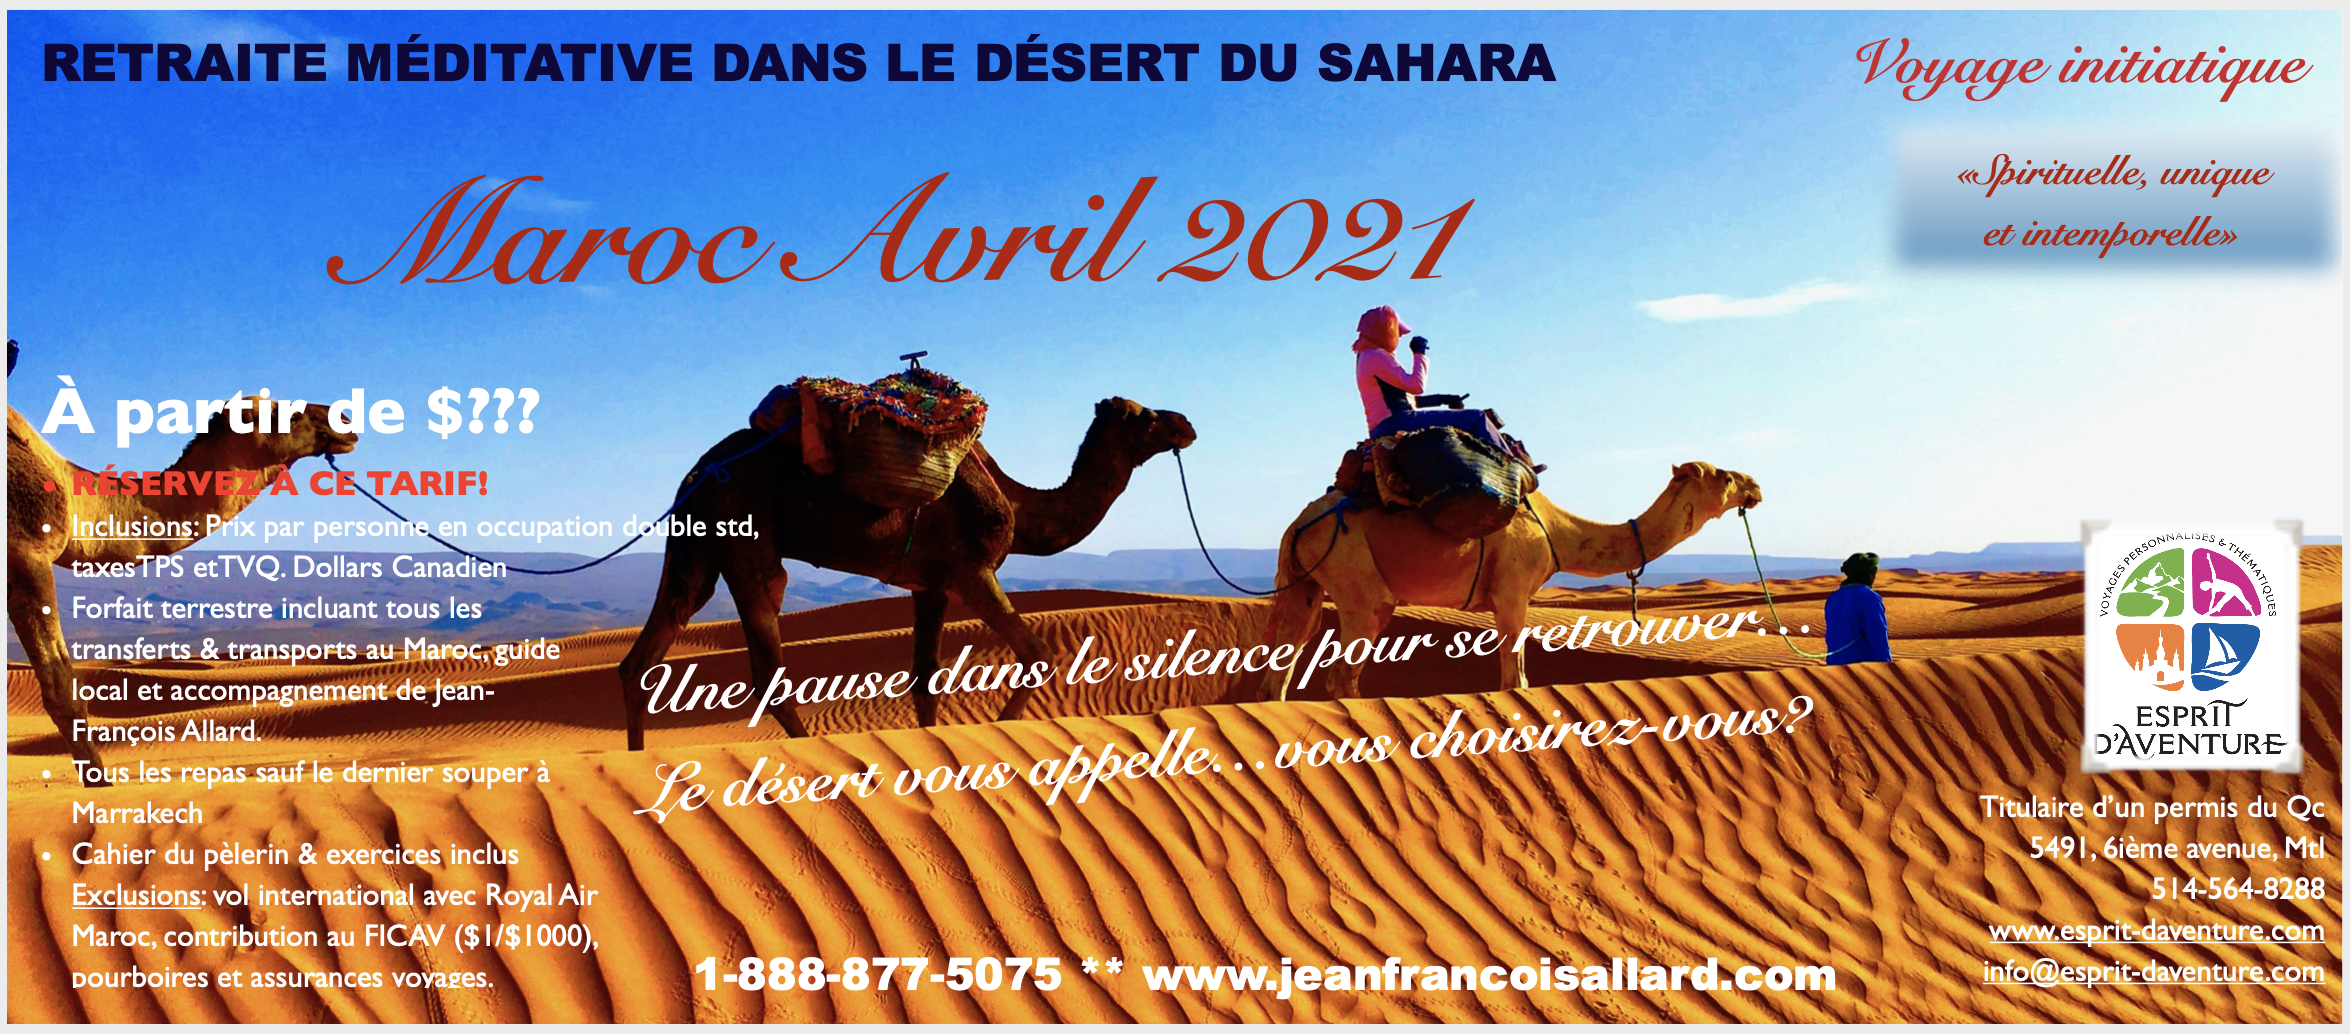 Pèlerinage et Marche méditative dans le Sahara